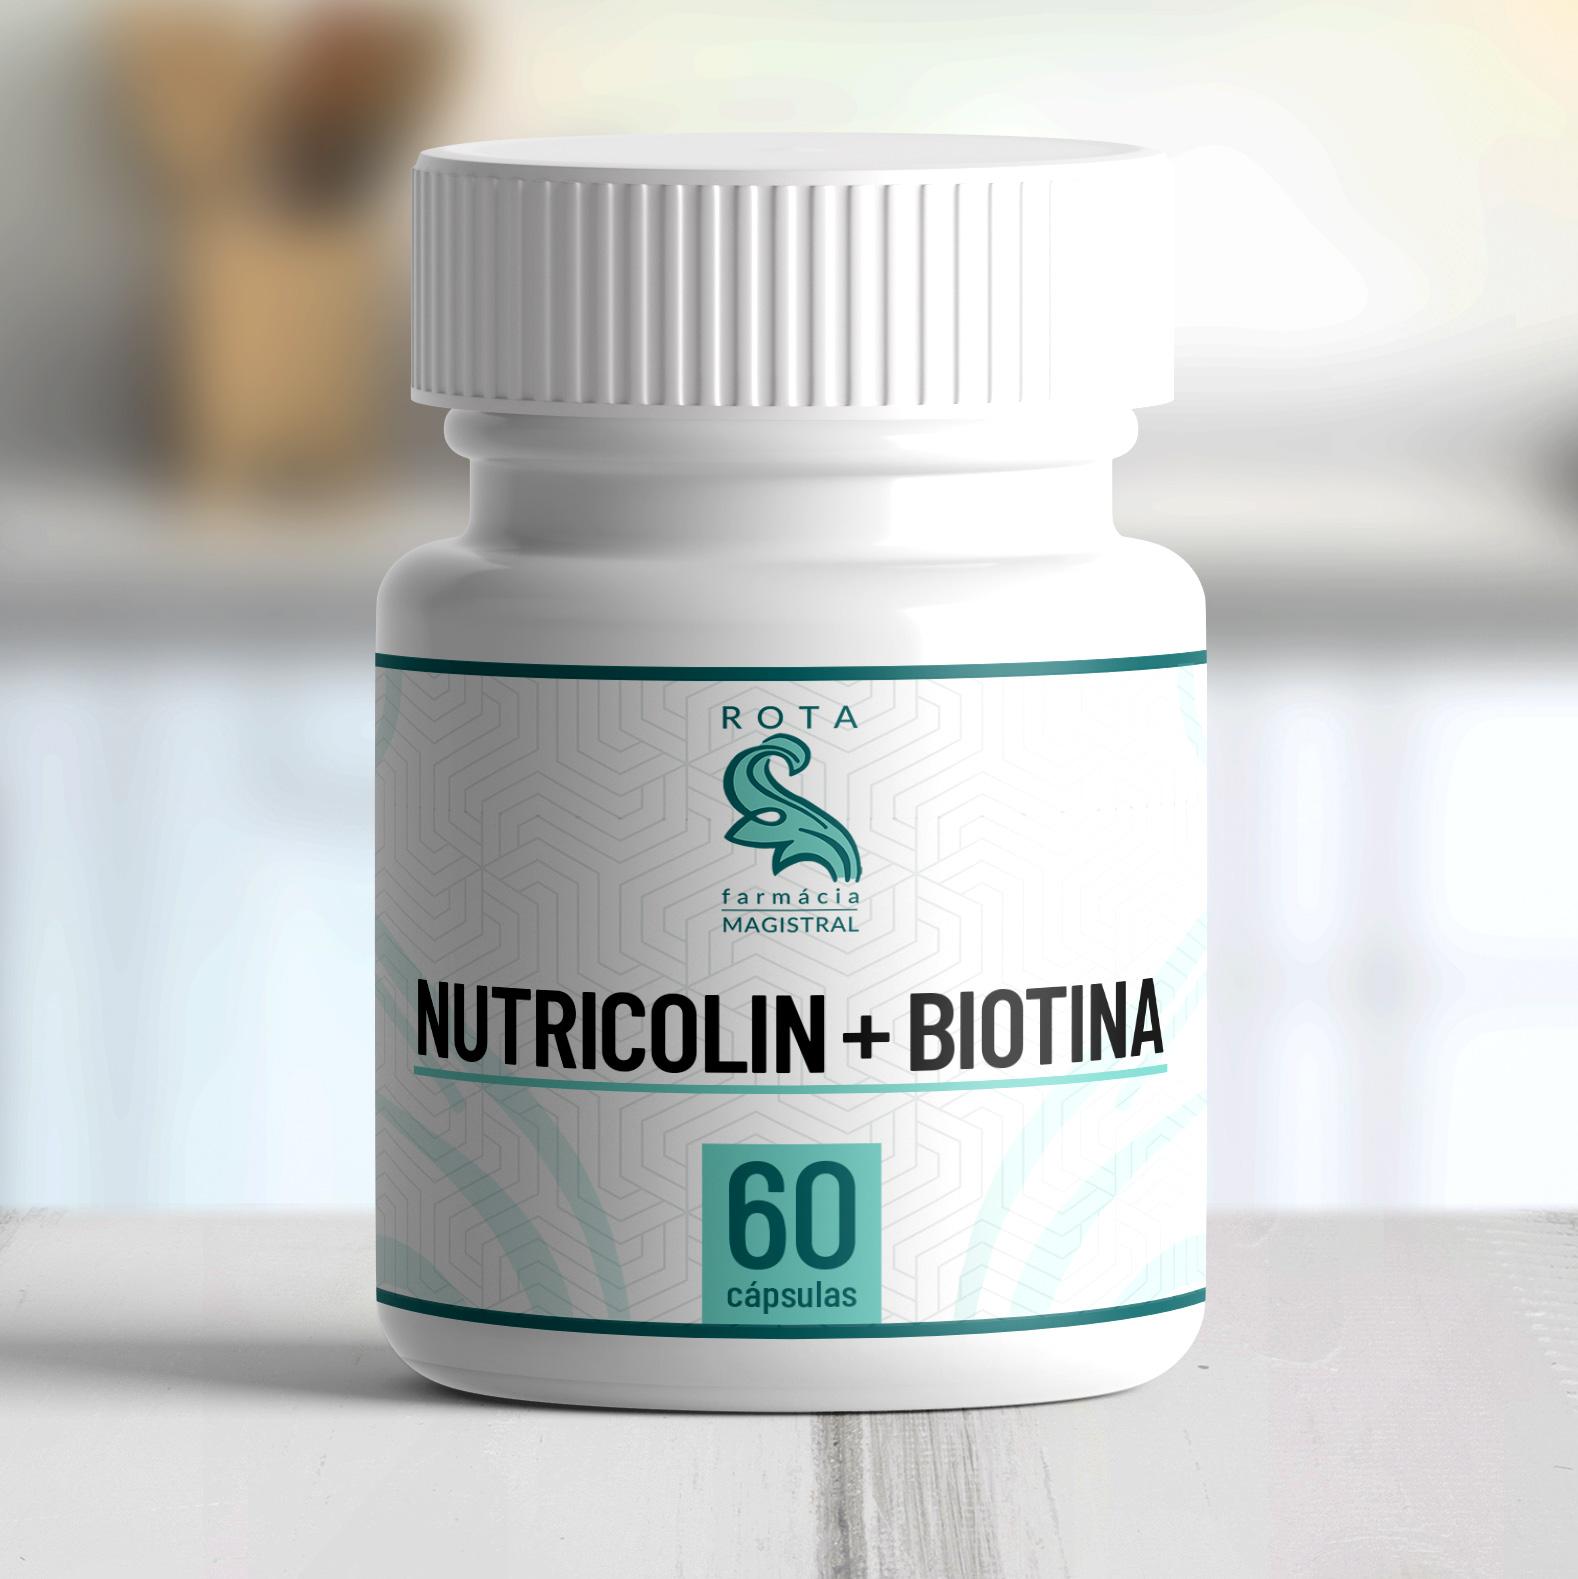 Nutricolin + Biotina 60 cápsulas